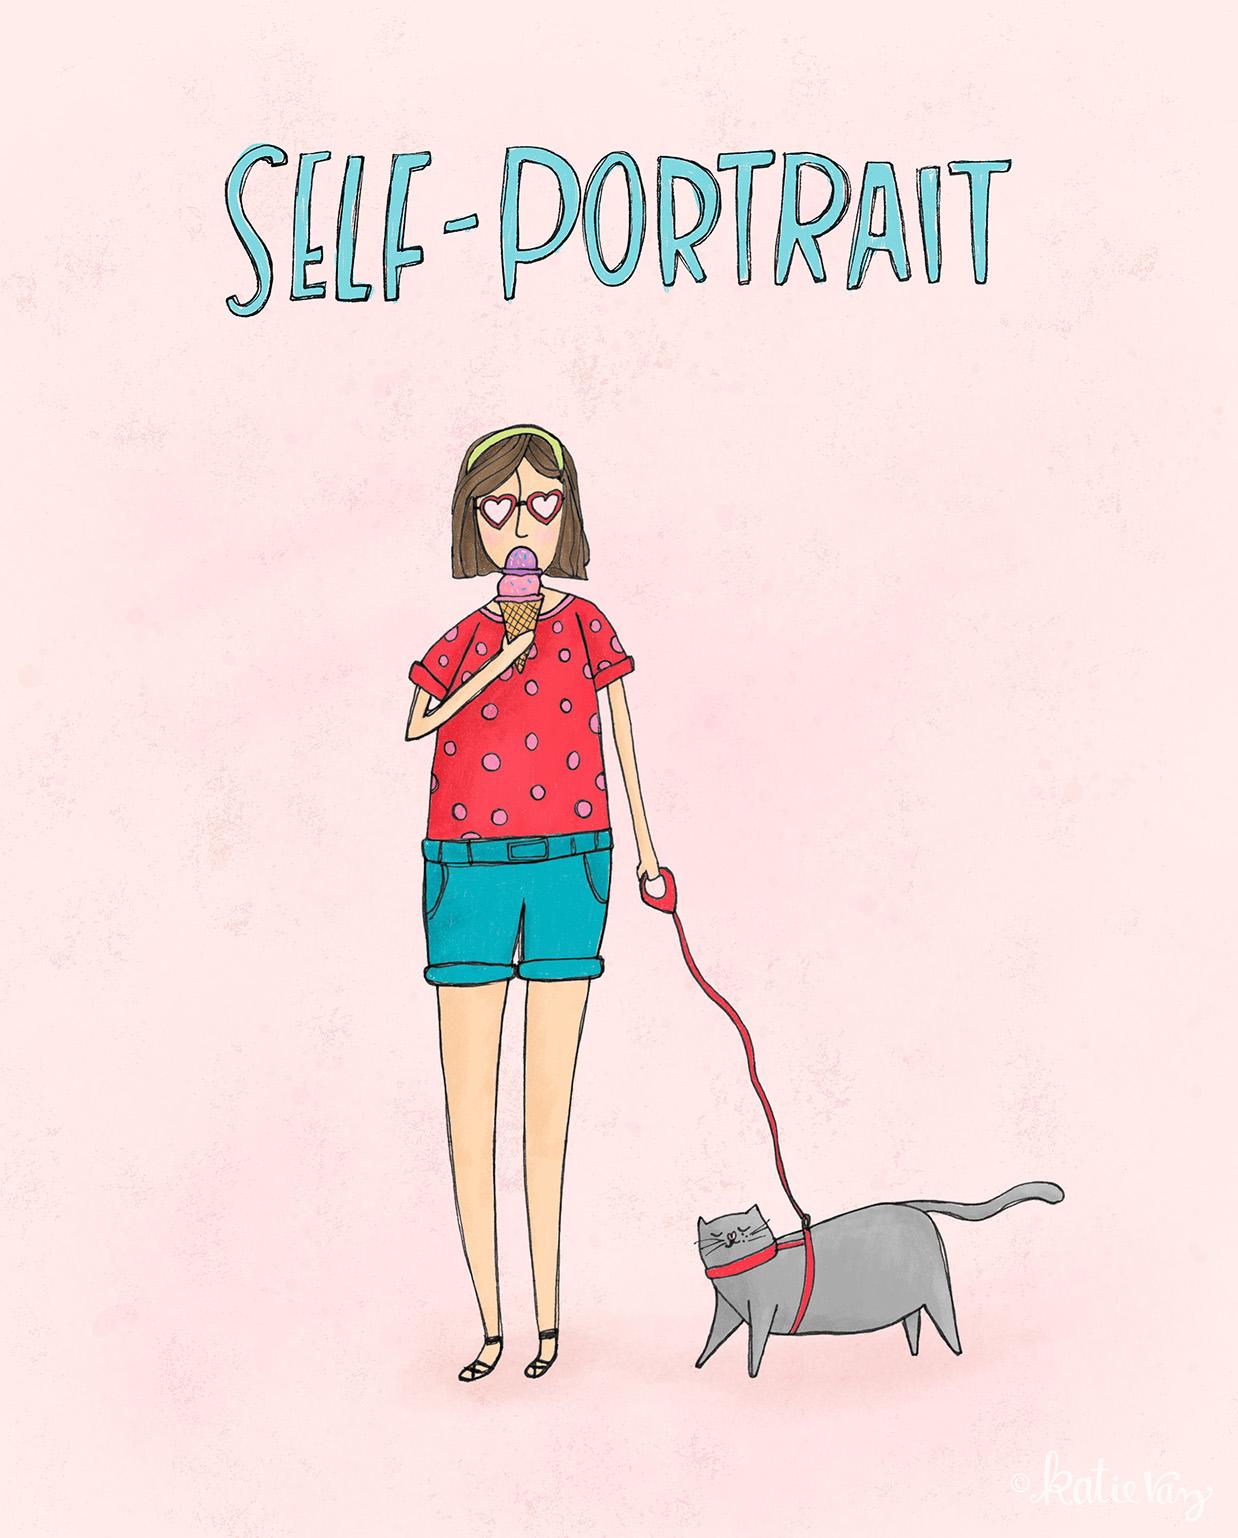 An ideal self-portrait